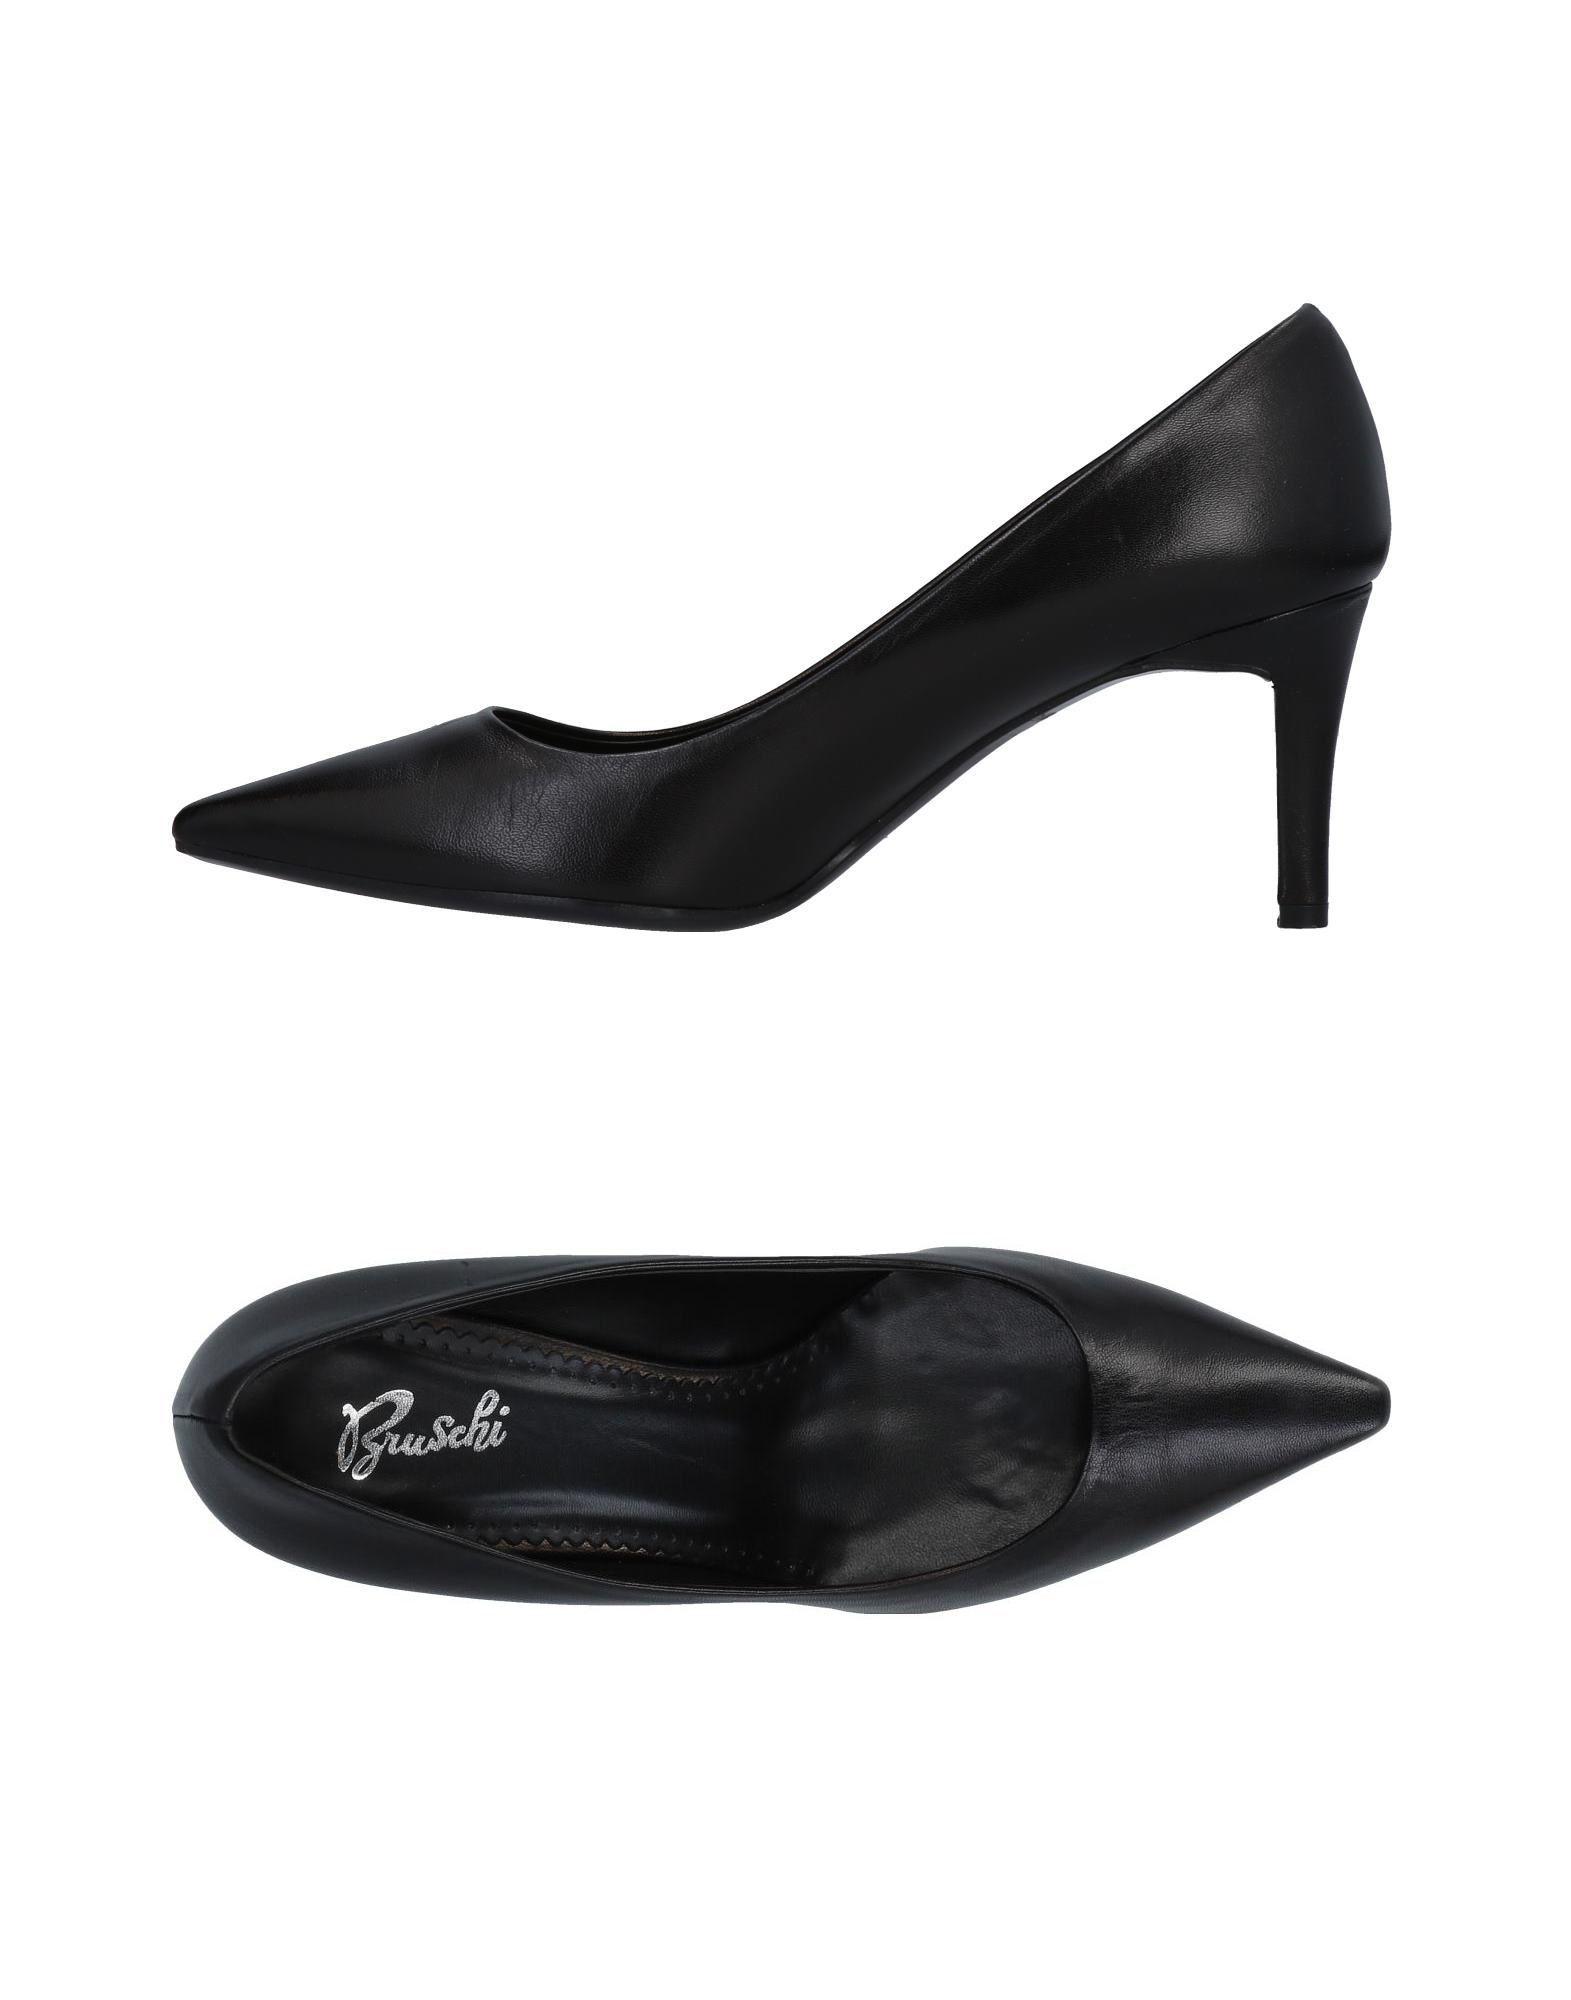 Bruschi Pumps Damen  11483222FO Gute Qualität beliebte Schuhe